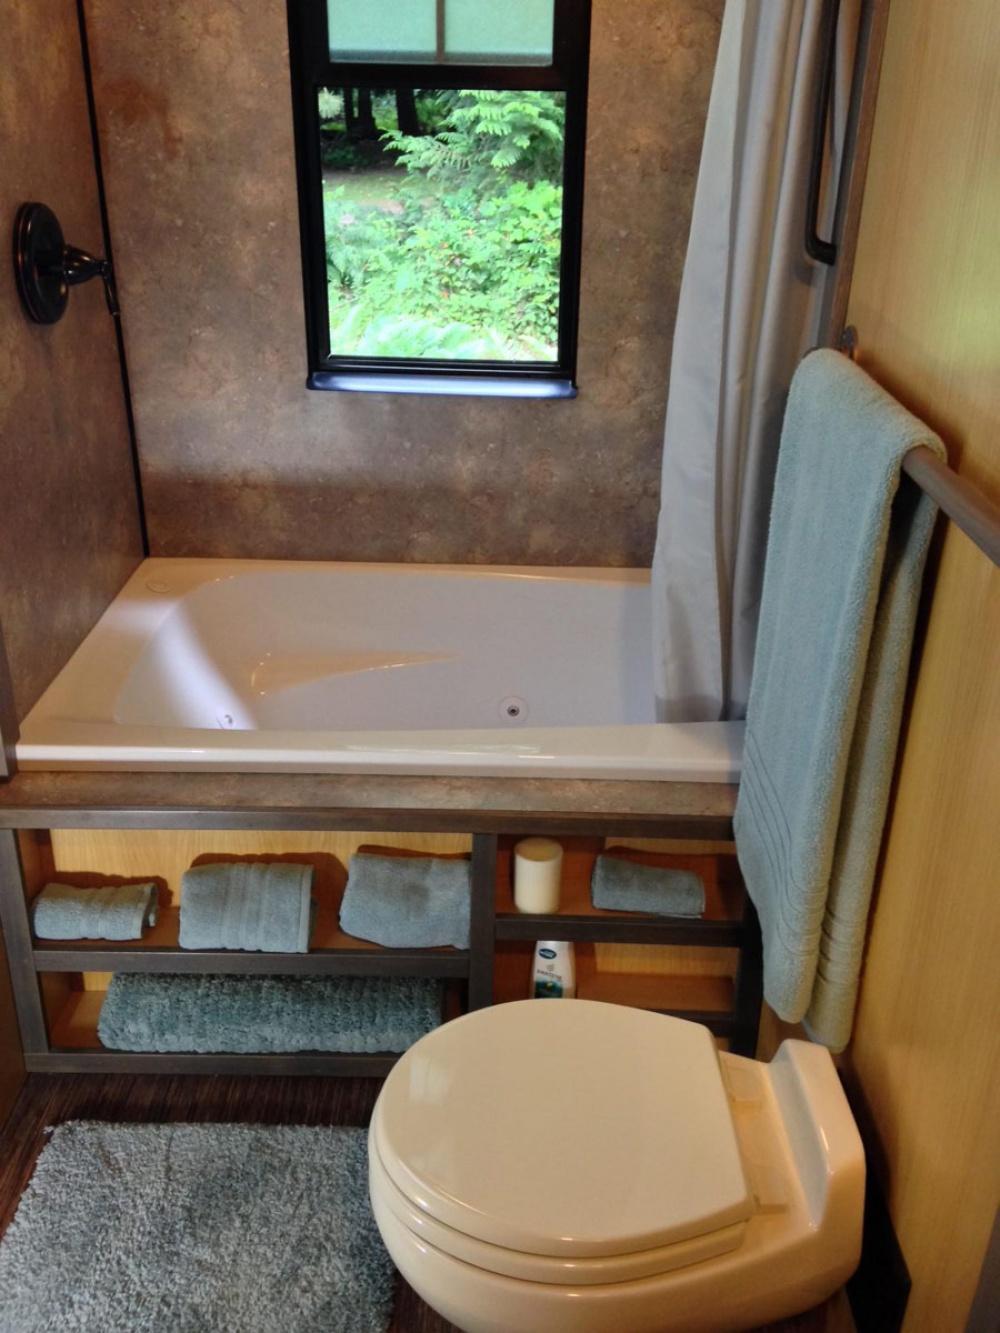 Возле кухни— санузел сдушем иполноценной ванной-джакузи (она уходит встенную нишу справа).